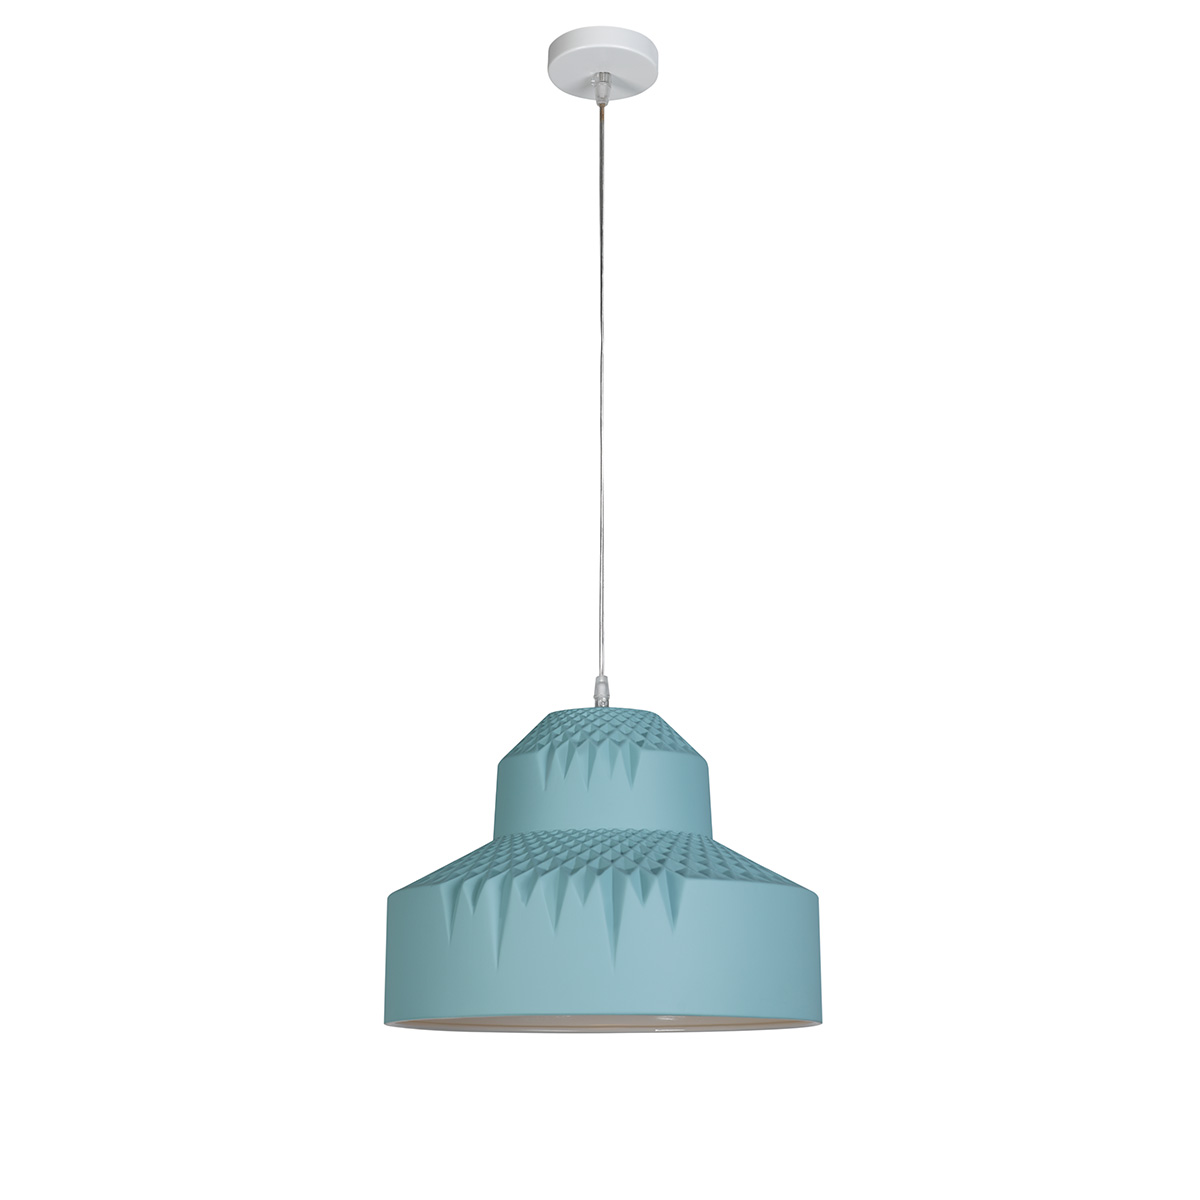 Κρεμαστό κεραμικό μονόφωτο EDRUM ceramic suspension lamp